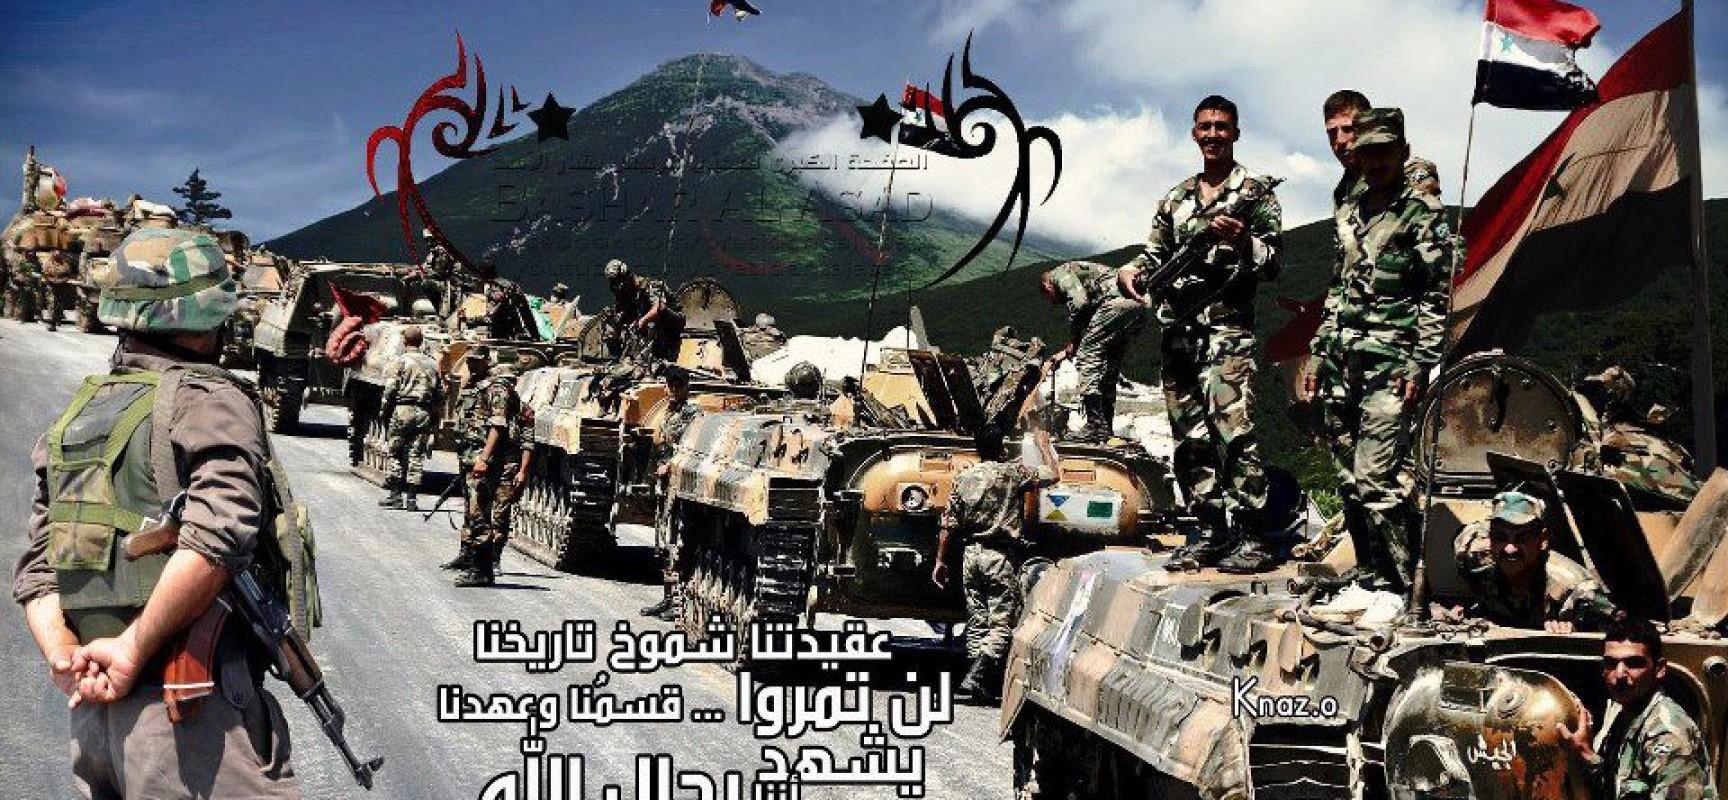 L'armée arabe syrienne, appuyée par l'aviation russe, prépare la grande offensive